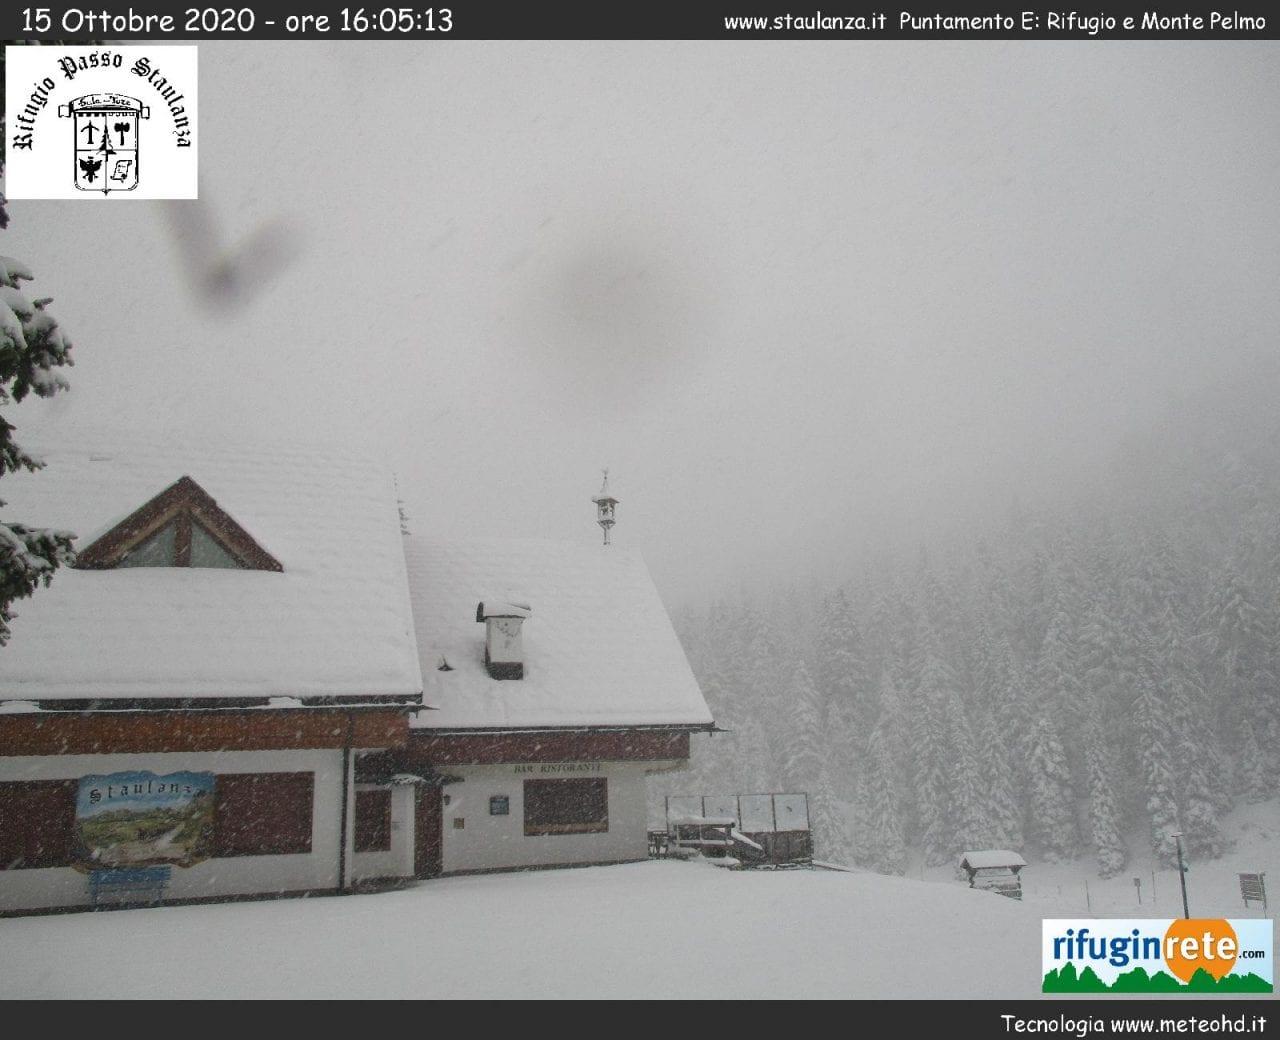 e284a9ba 7e69 4f84 bbd7 ccba8991fd69 - Veneto, abbondanti nevicate tra le Alpi e le Prealpi: galleria fotografica